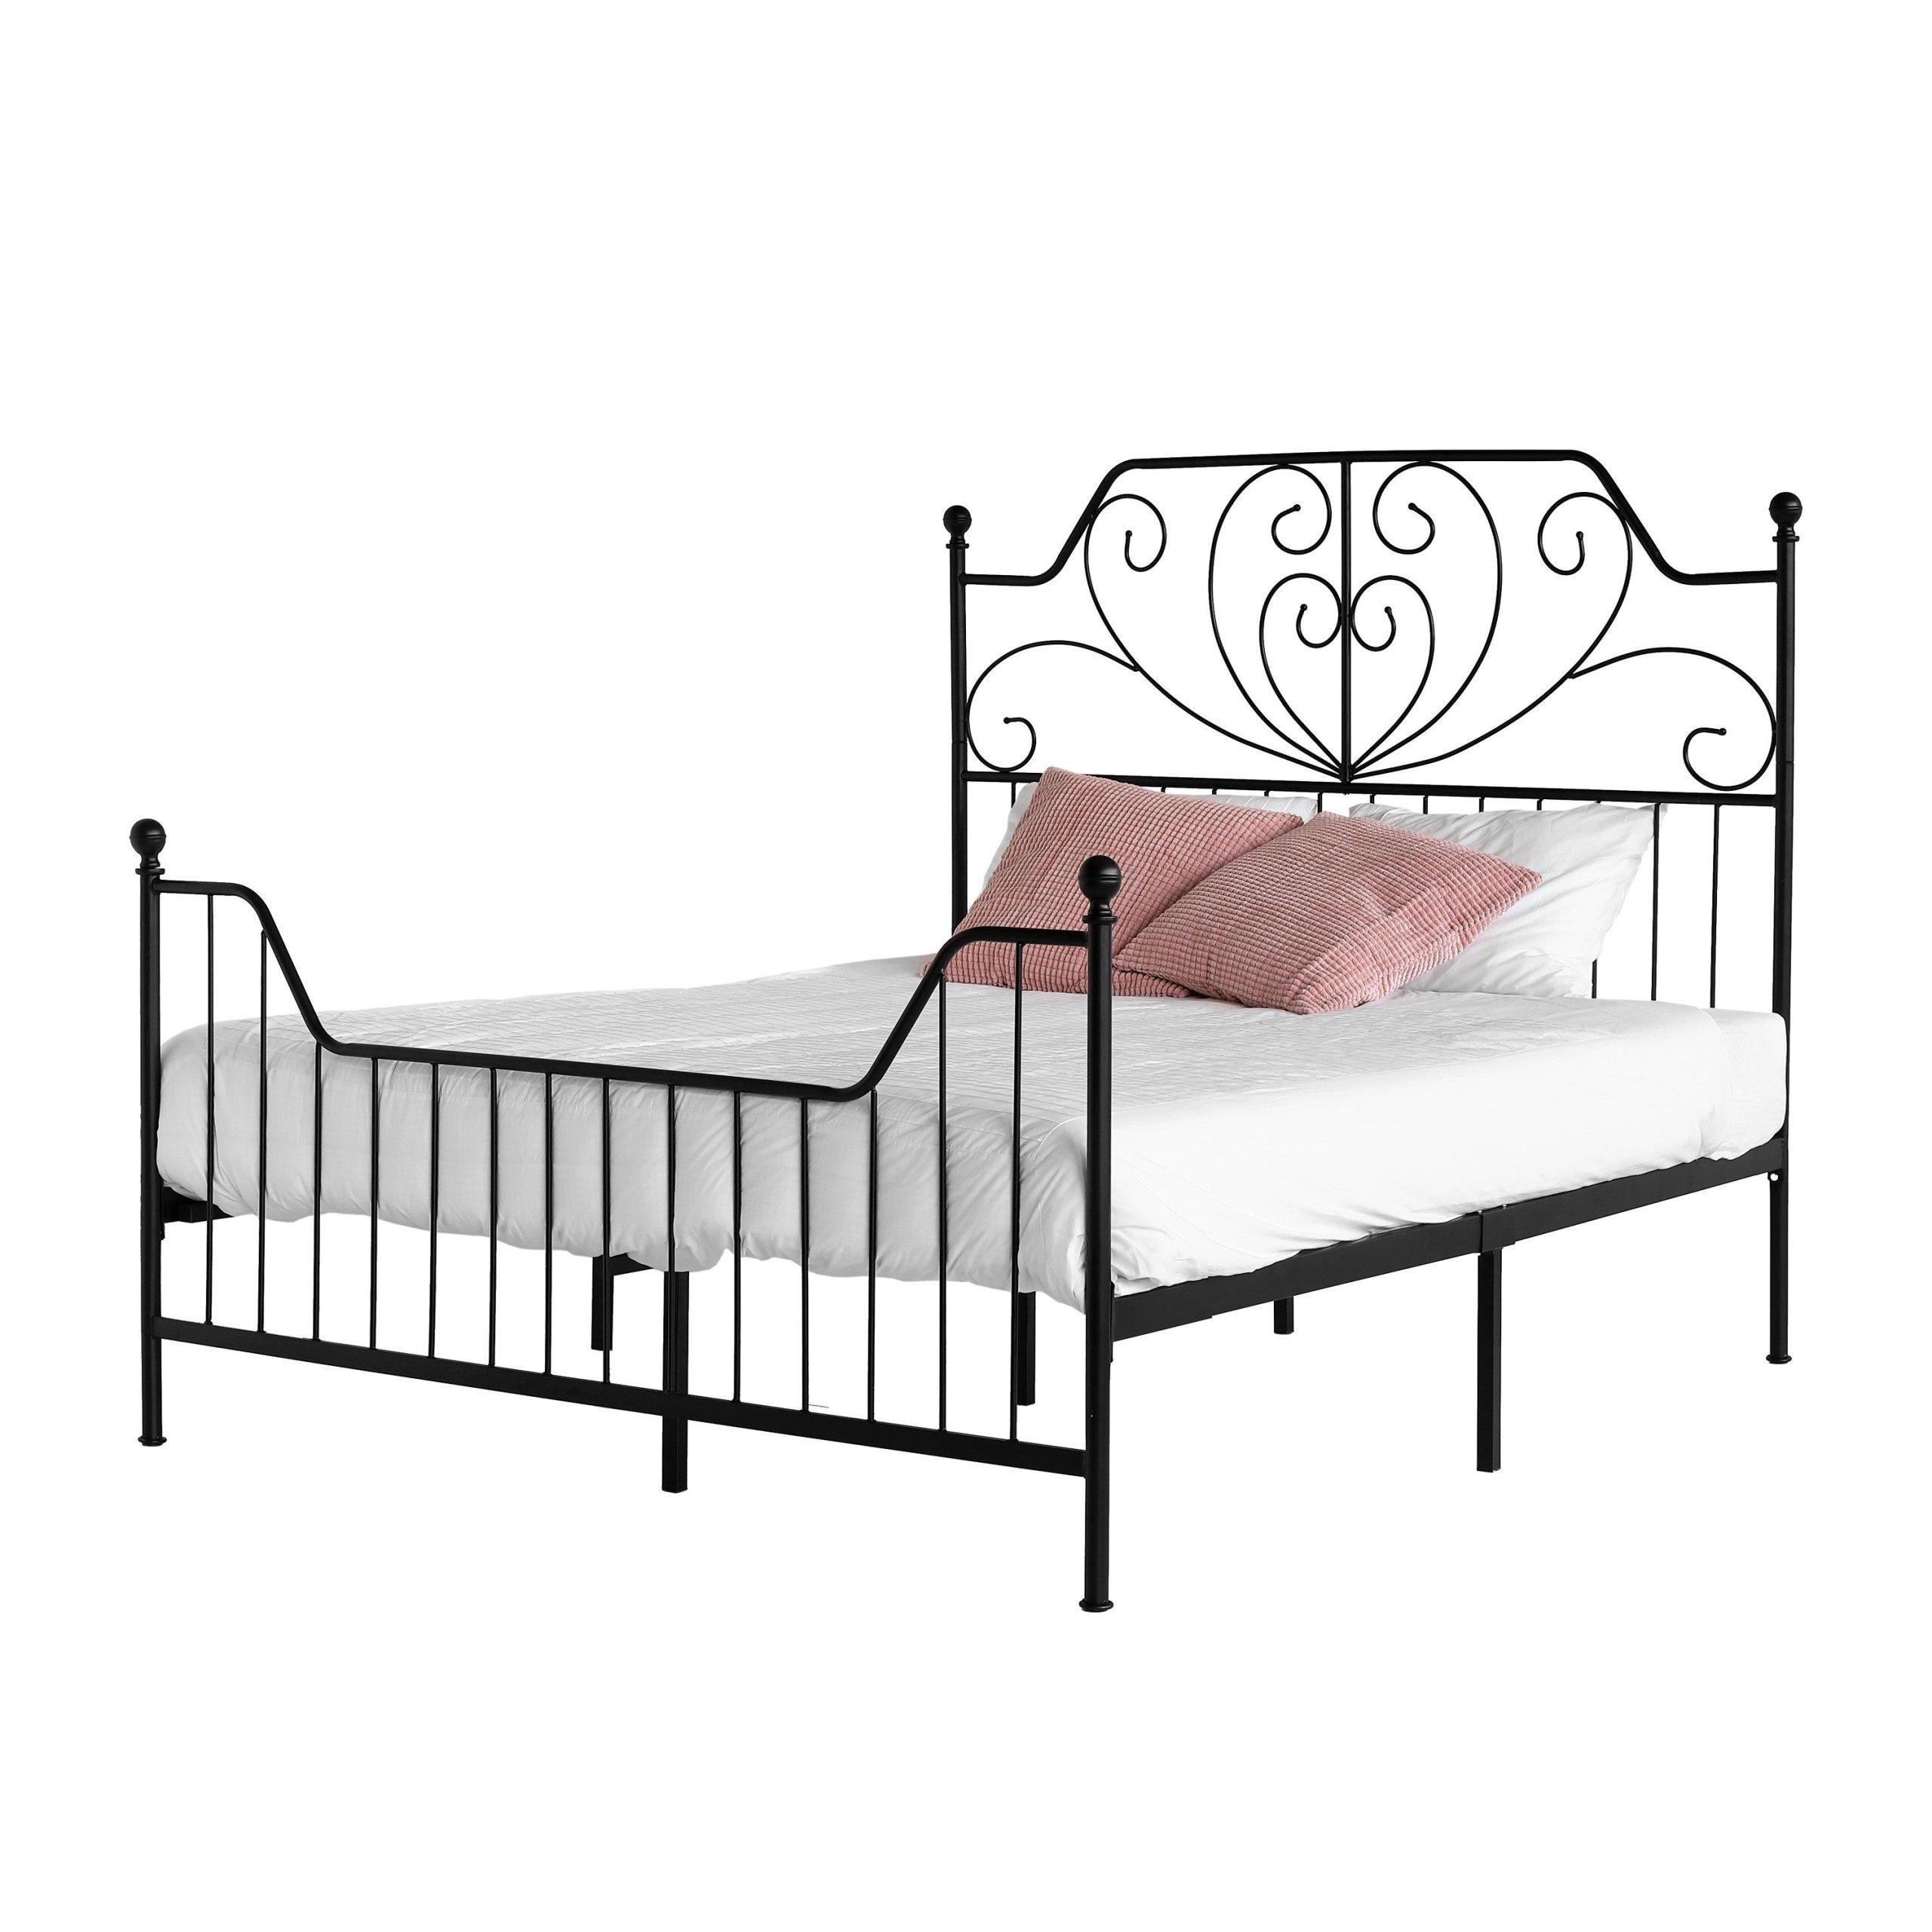 łóżko Podwójne Do Sypialni Małżeńskie 180x200 7299706179